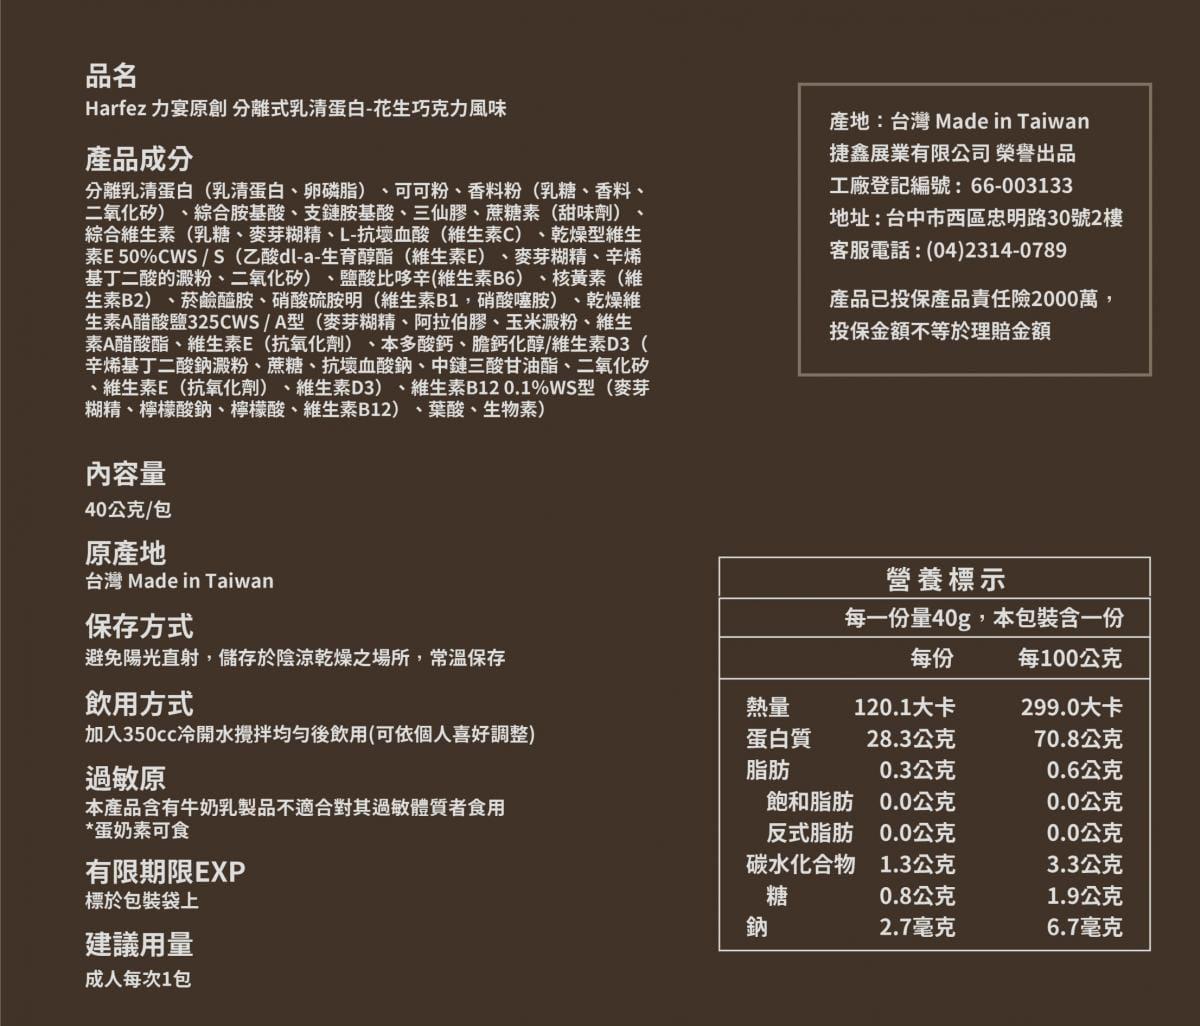 【力宴健身】Harfez 力宴 分離式乳清蛋白 花生巧克力風味 1